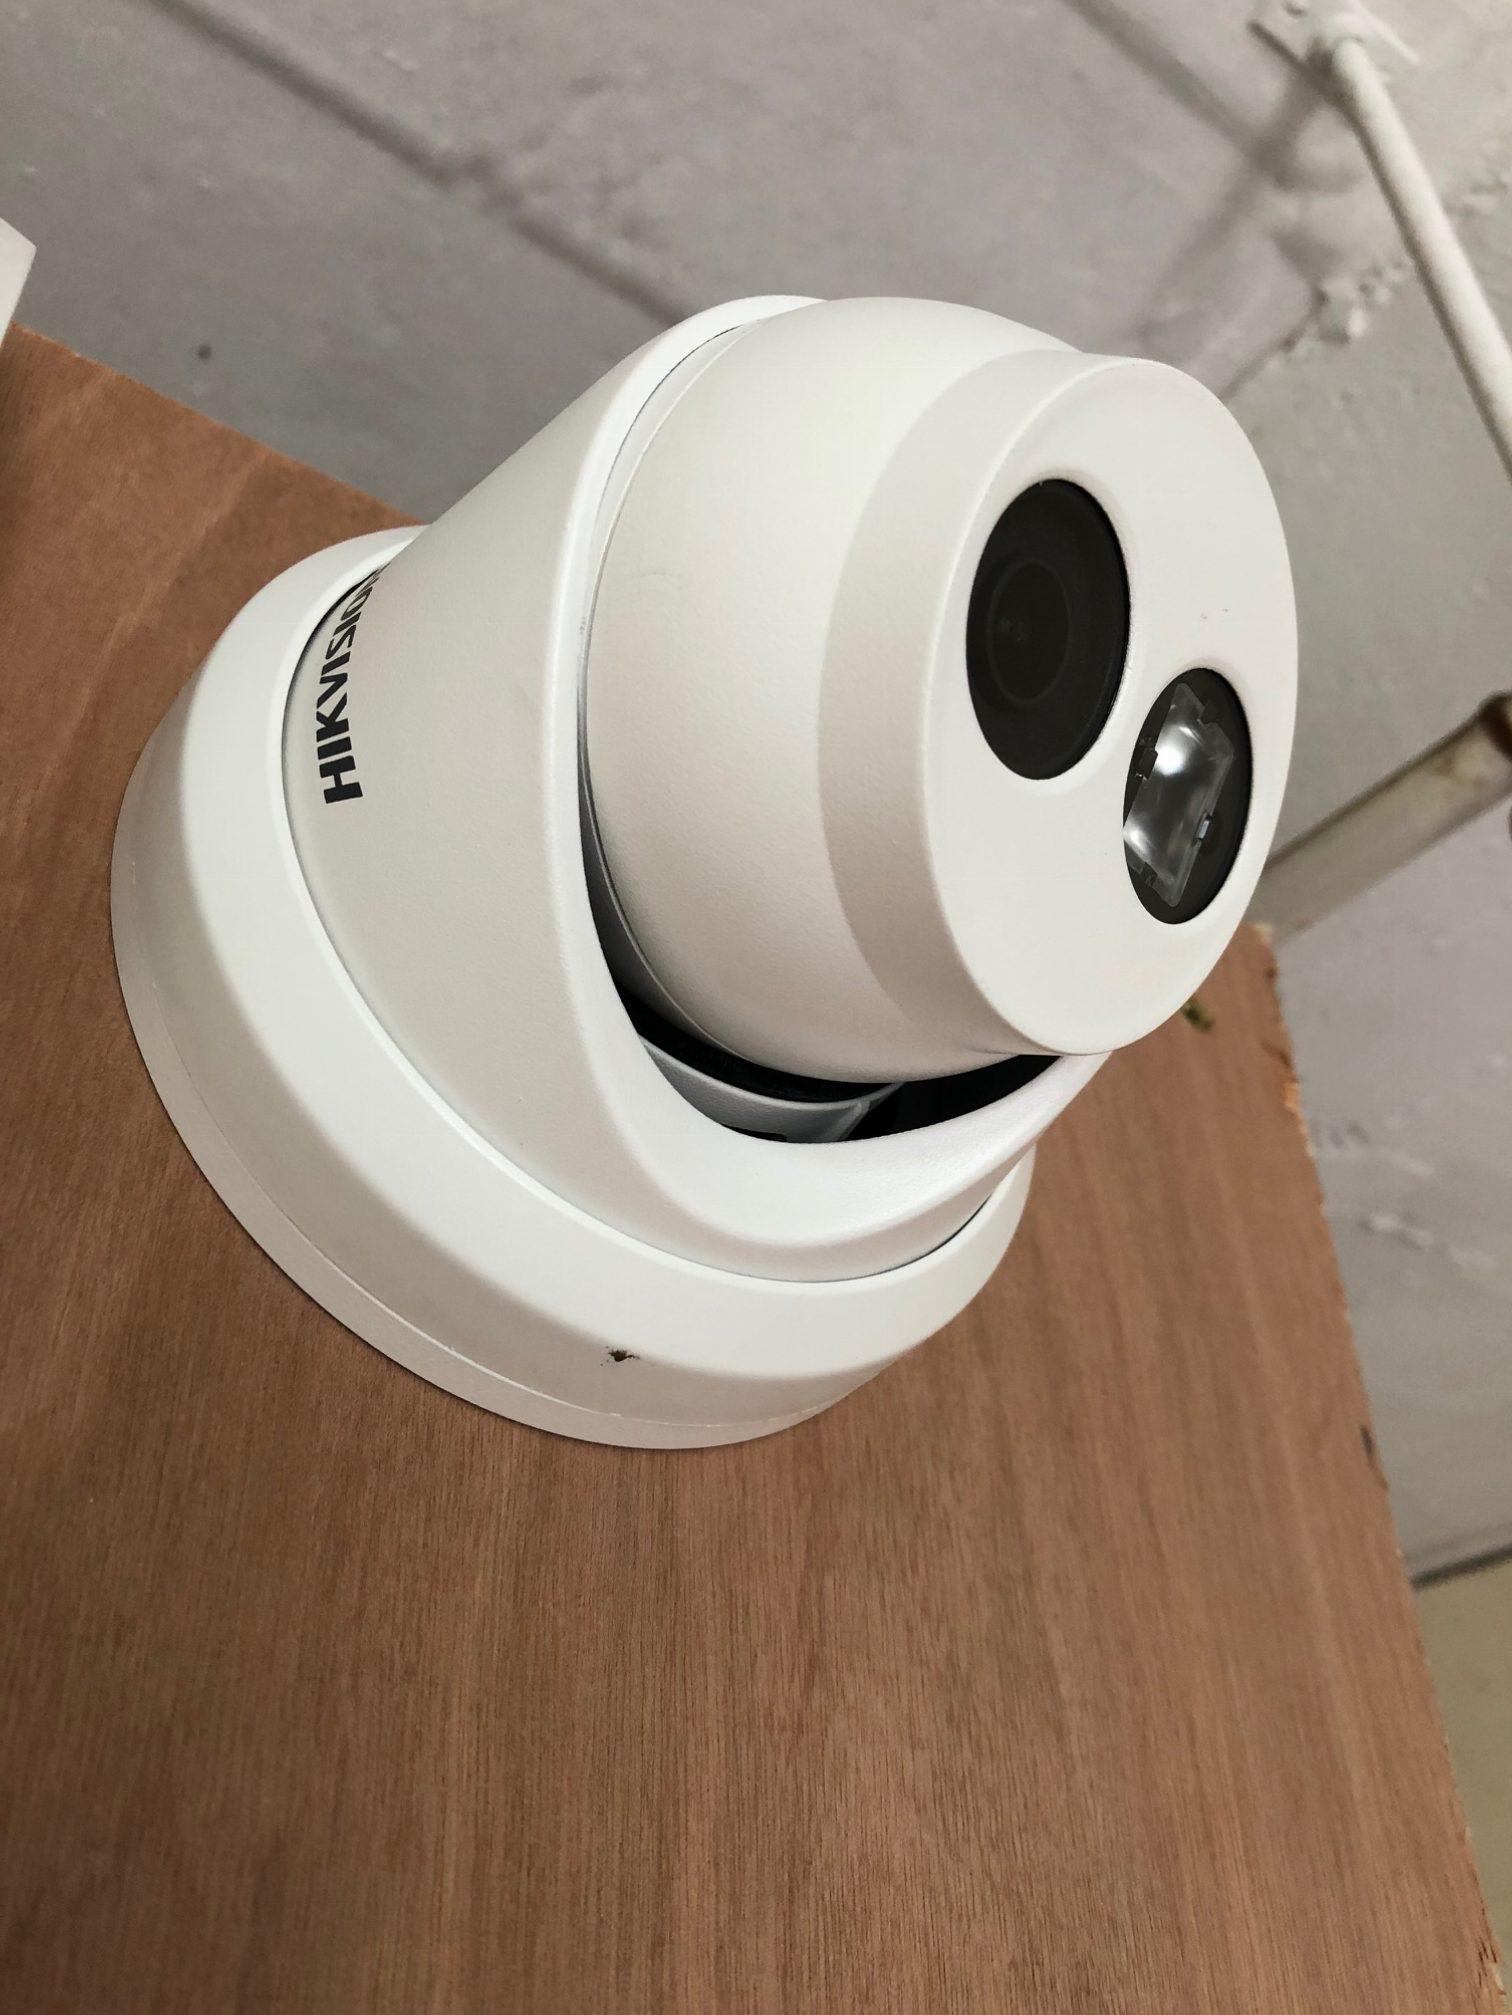 Hik 4mp camera